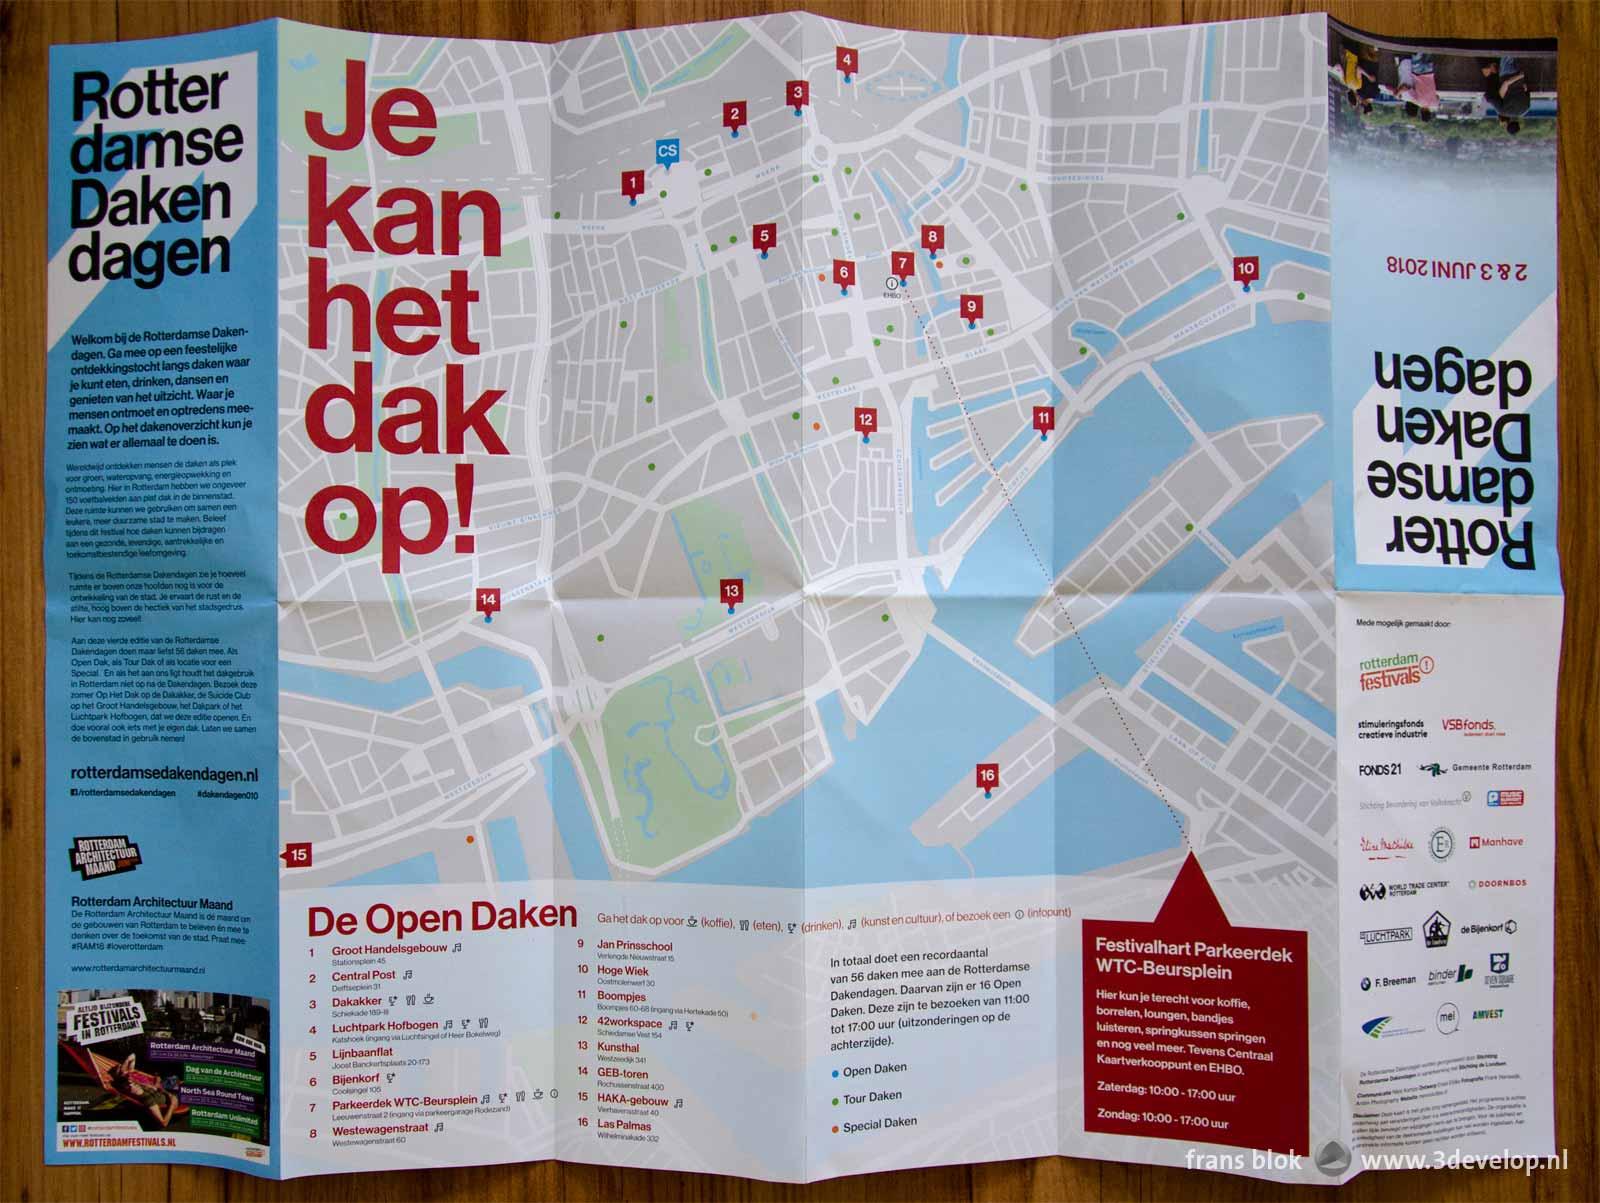 Folder van de Rotterdamse Dakendagen 2018